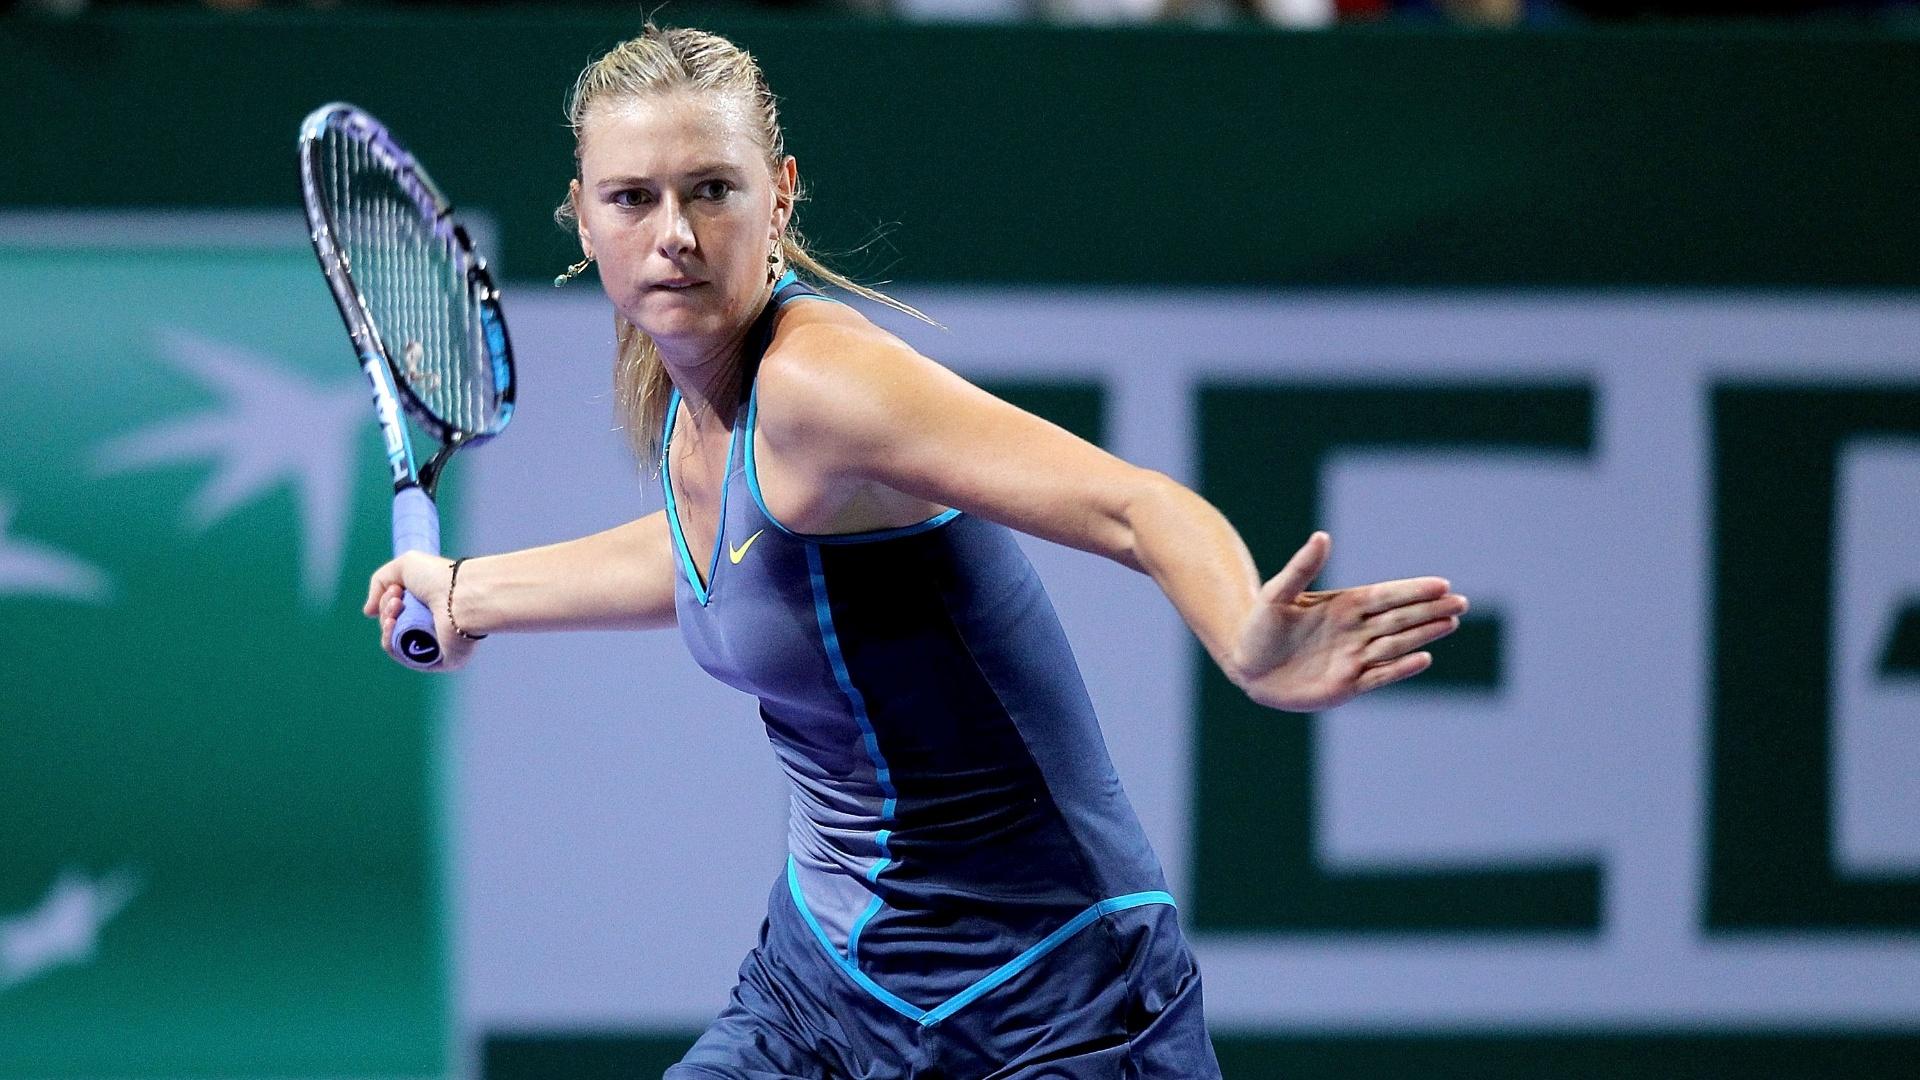 Maria Sharapova se concetra para bater de direita em jogo do WTA Championships, em Istambul